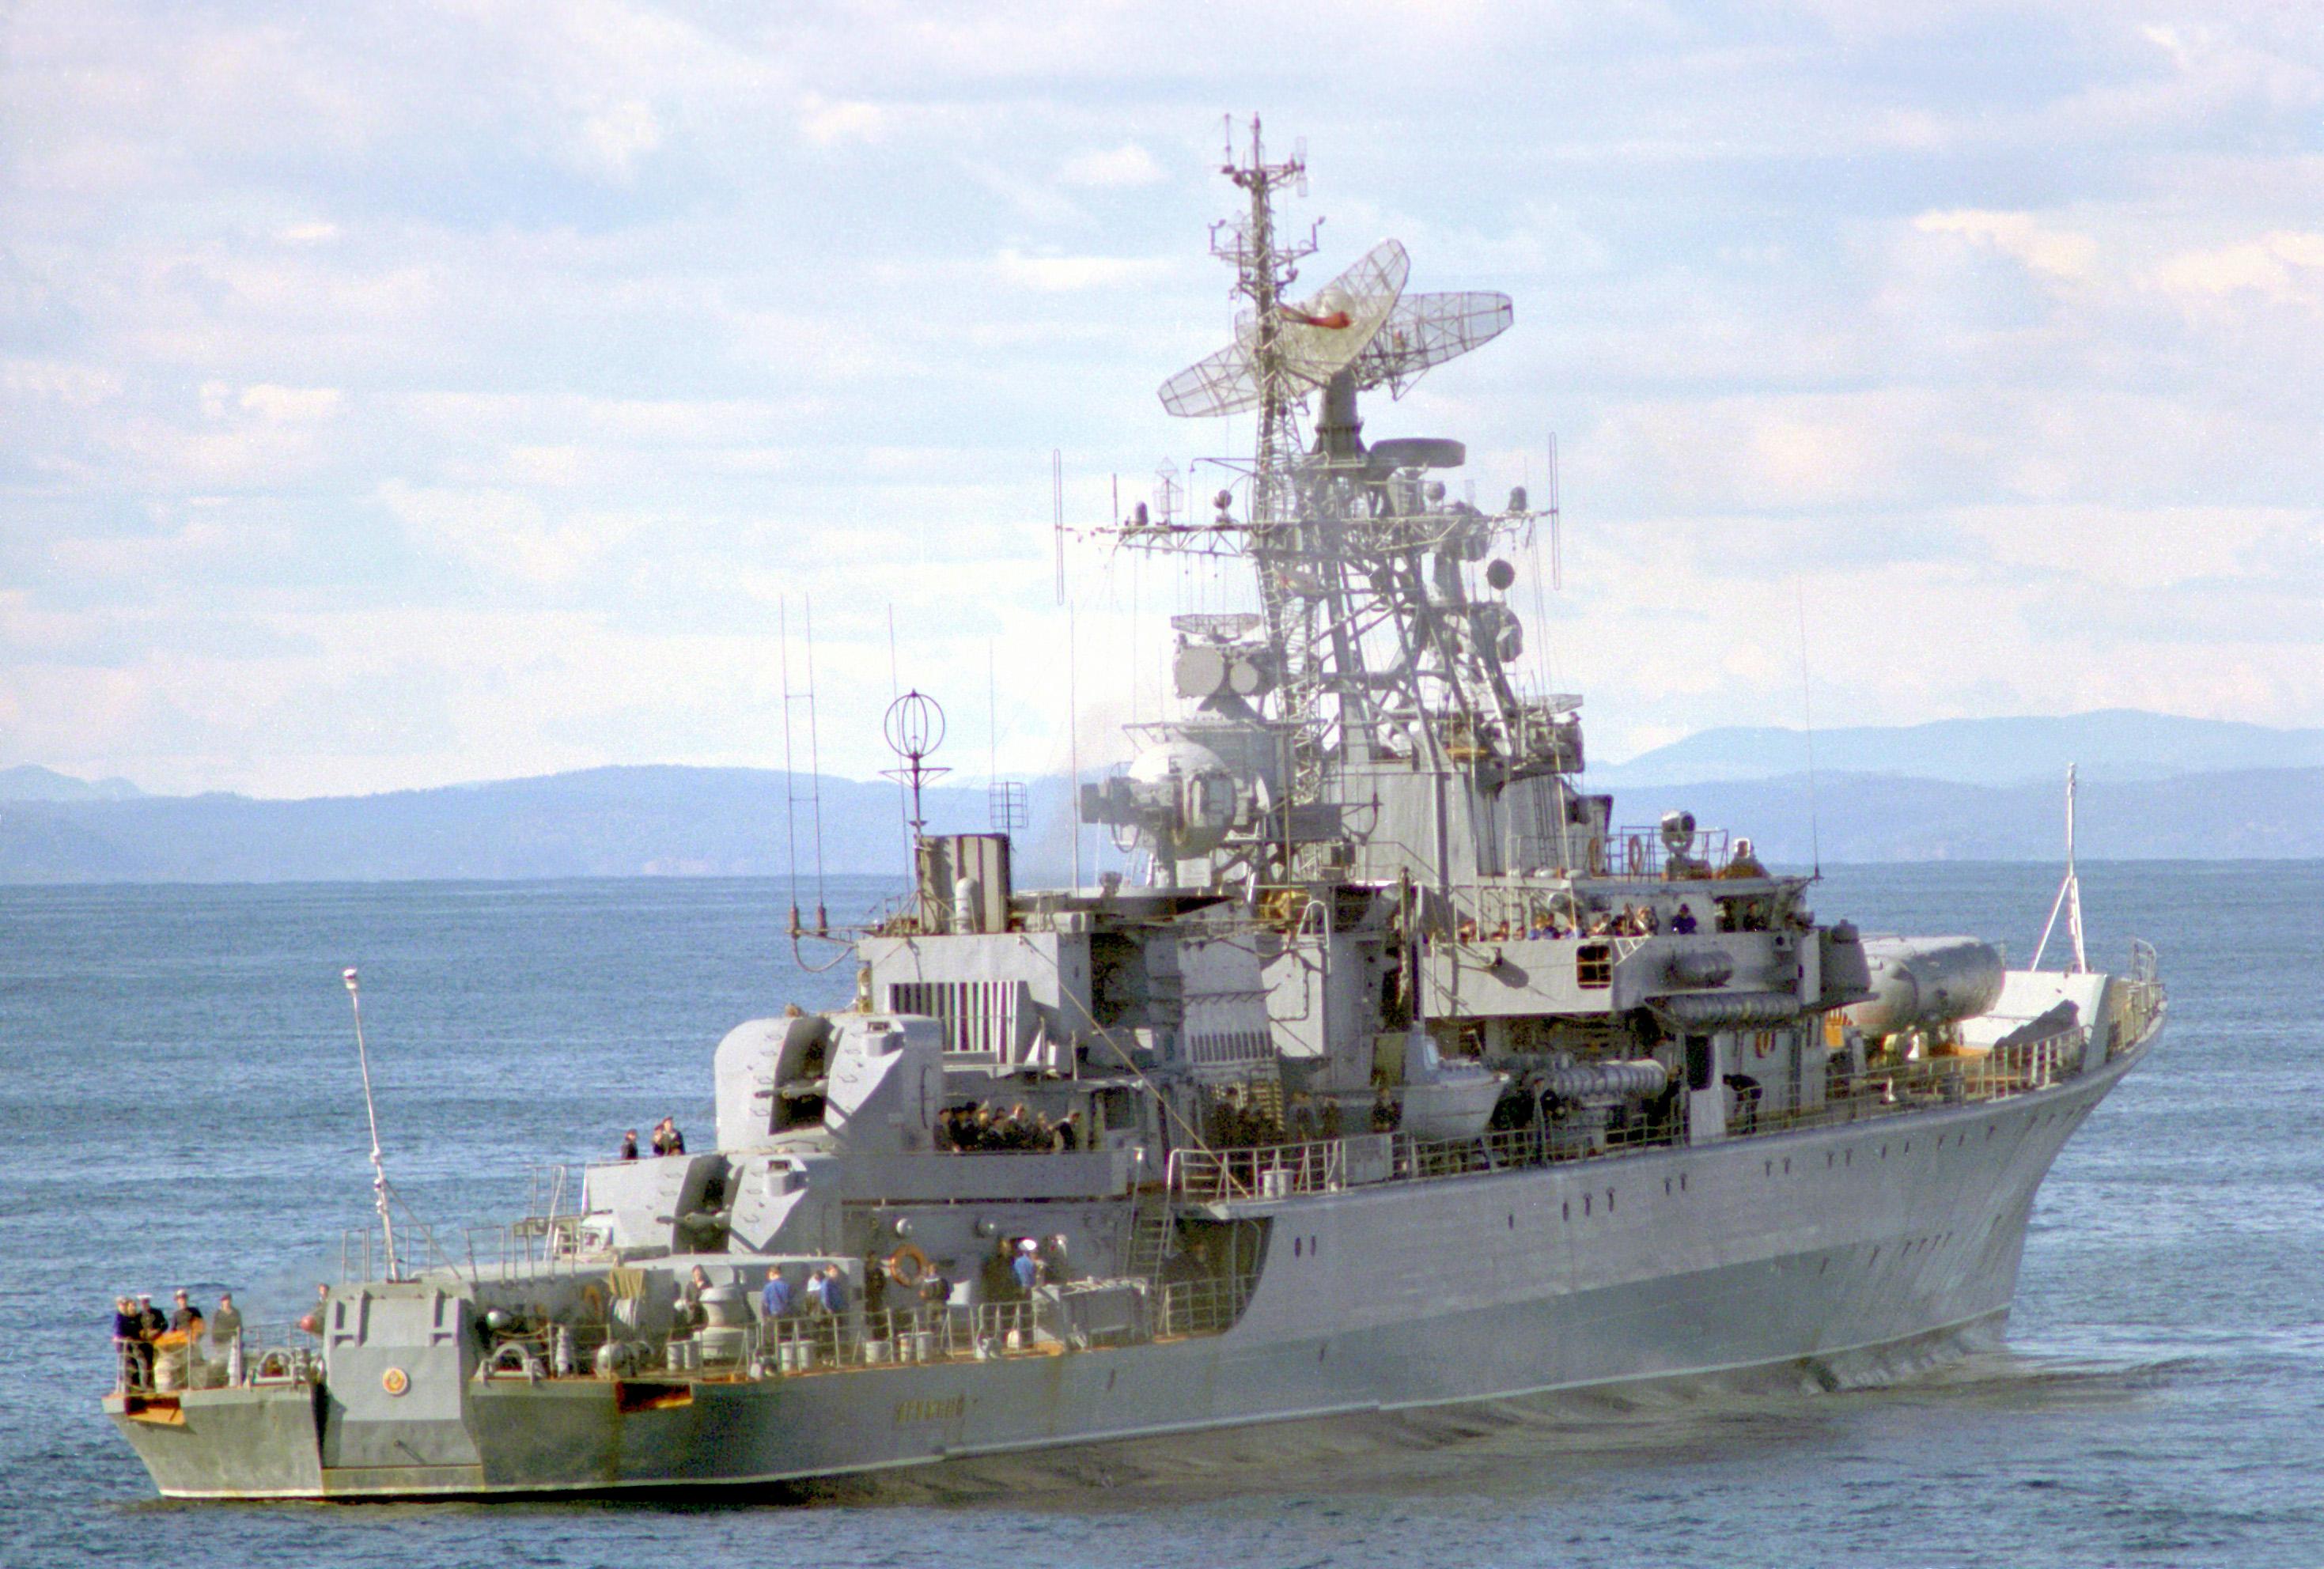 محمد الشريف يكتب : يوميات من حياتى العسكرية (الجزء الخامس) فى لواء المدمرات Krivak_I_class_frigate,_stern_view